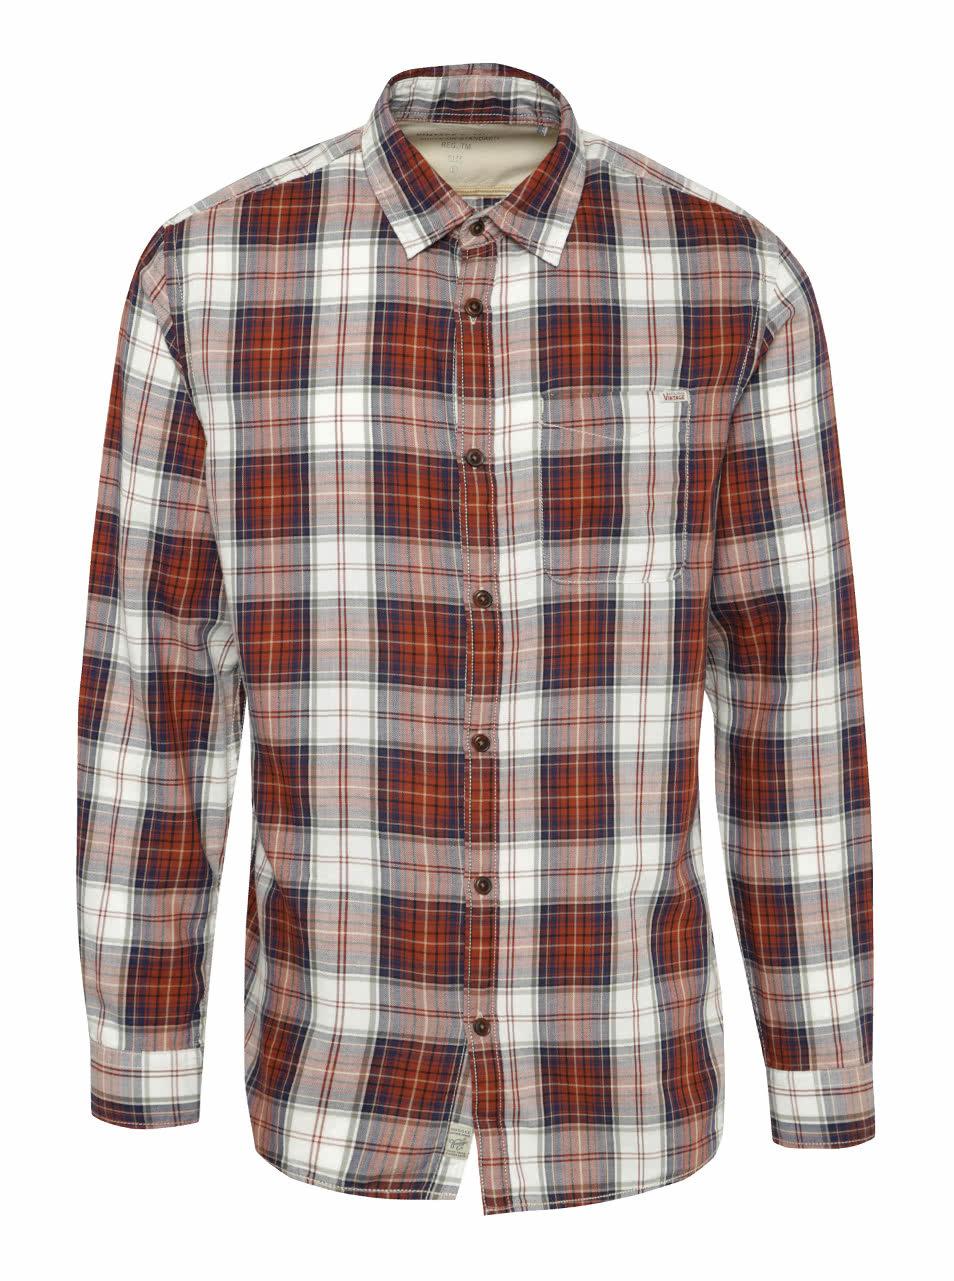 Hnědá kostkovaná košile Jack   Jones Campo ... 9c84bdbc41